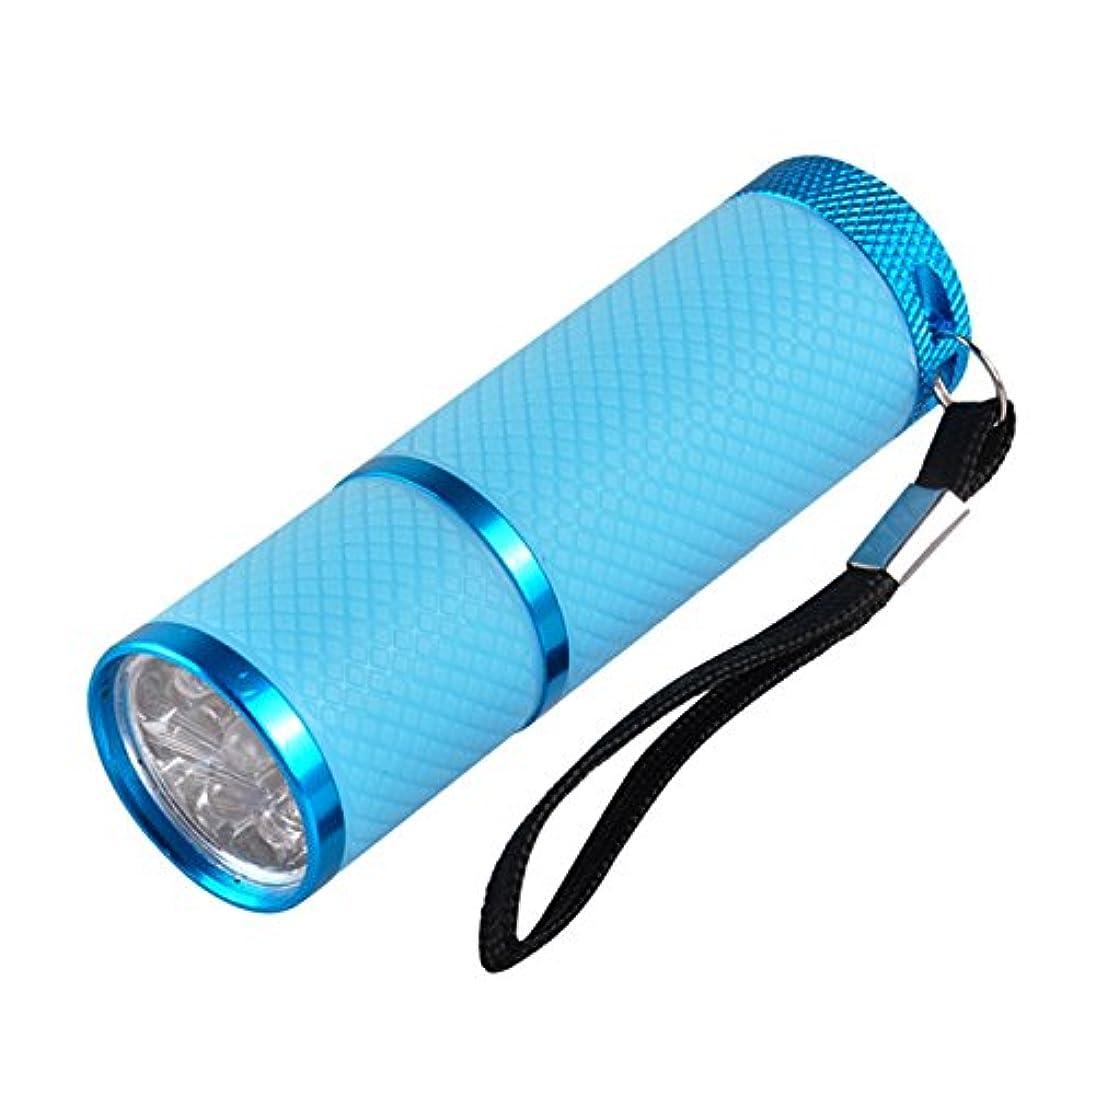 二十わざわざスノーケルネイル?レジンクラフト LED UVライト ブルー BY-NL550 ネコポス発送 送料無料